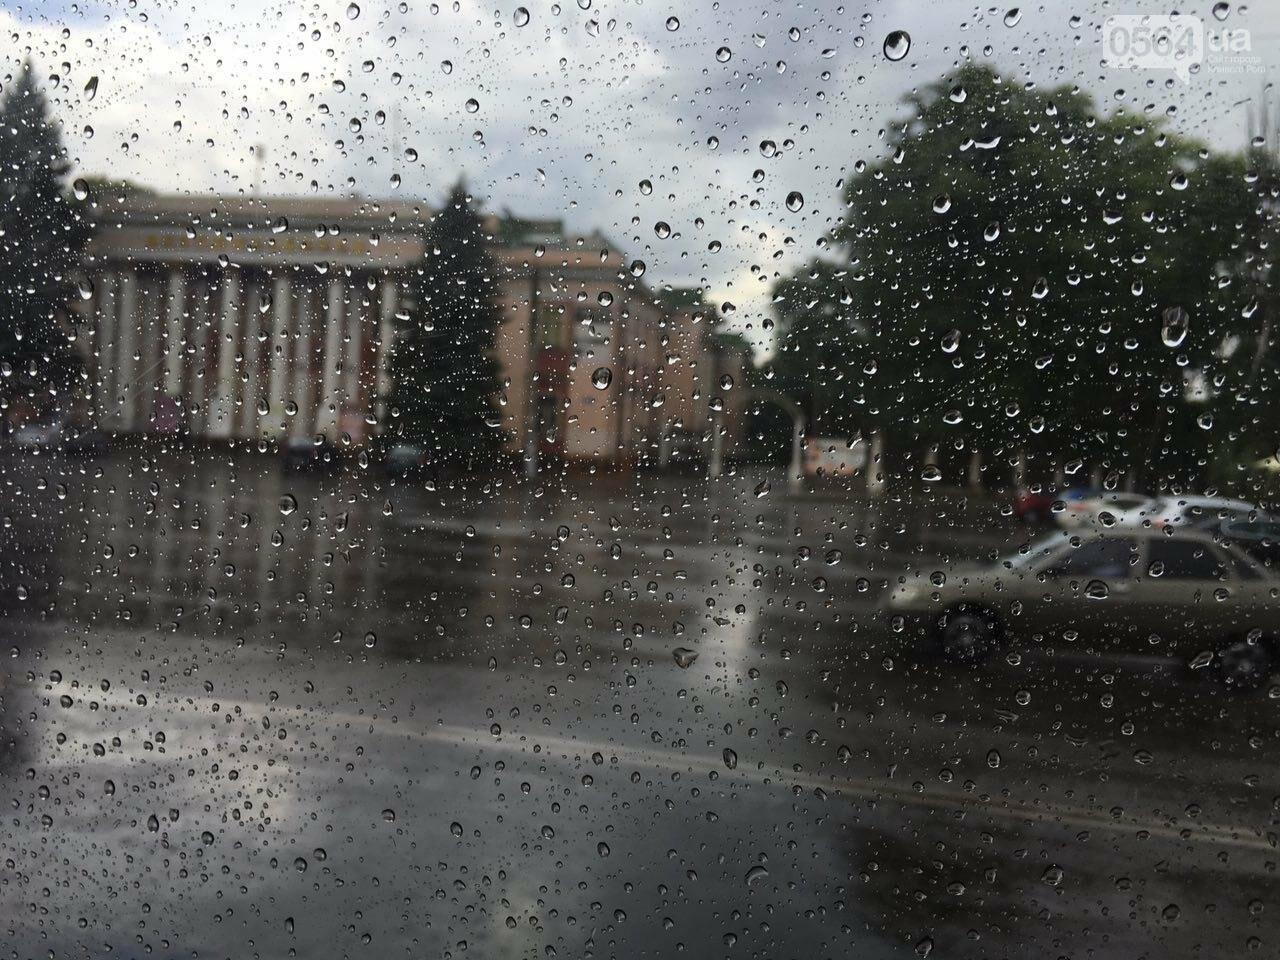 Маршрут дождя: В Кривом Роге в одних районах льет ливень, в других ярко светит солнце, - ФОТО, фото-13